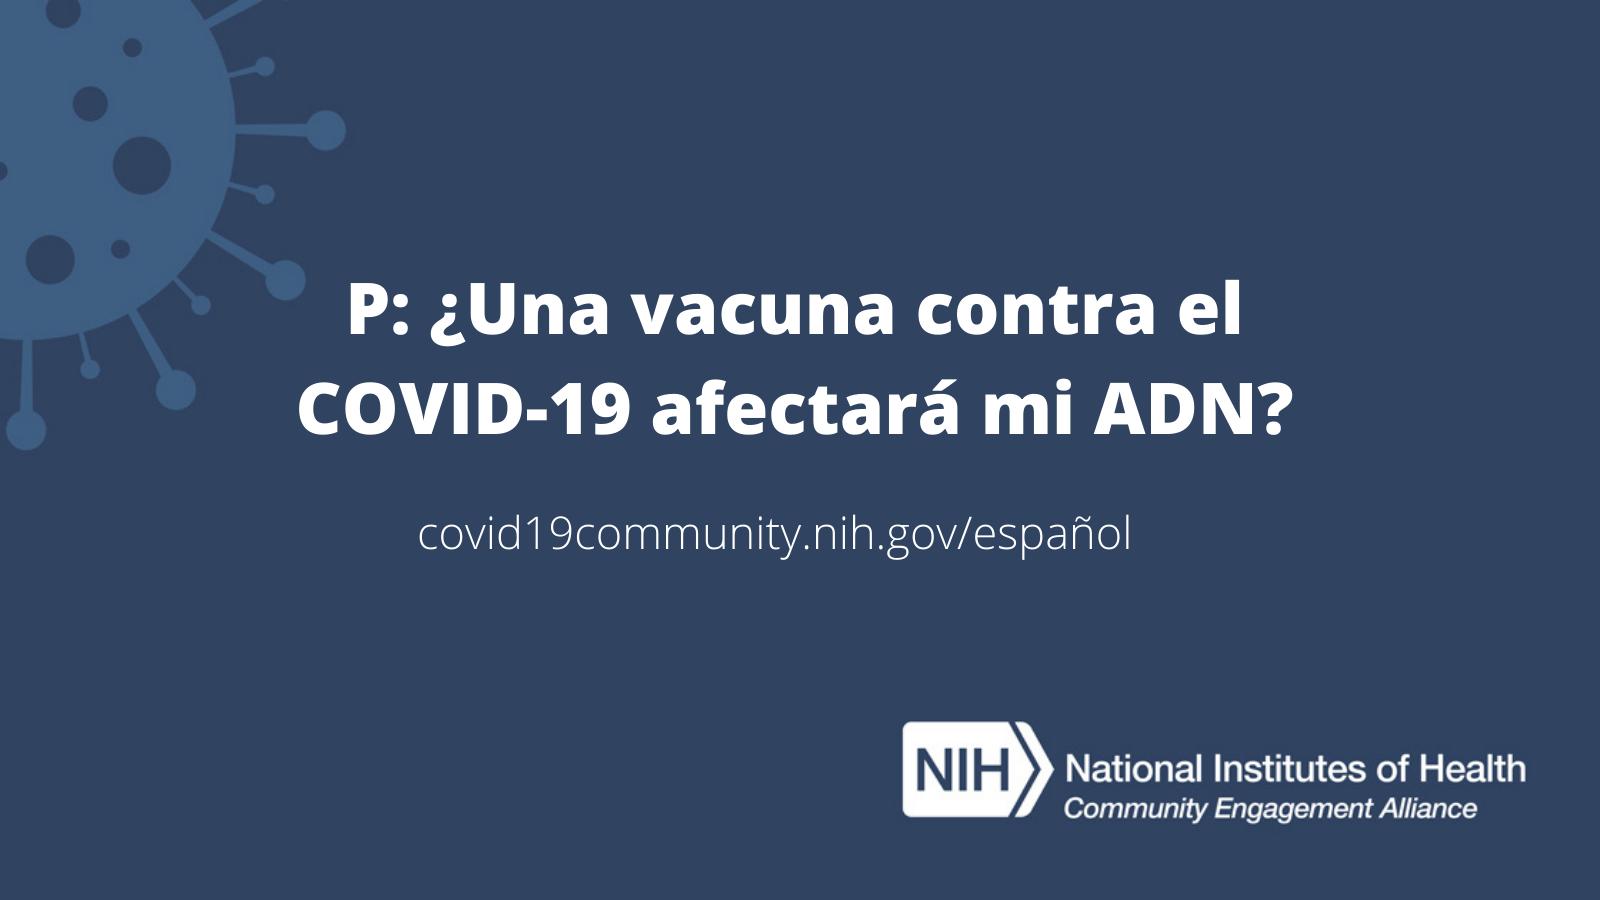 P: ¿Una vacuna contra el COVID-19 afectará mi ADN?